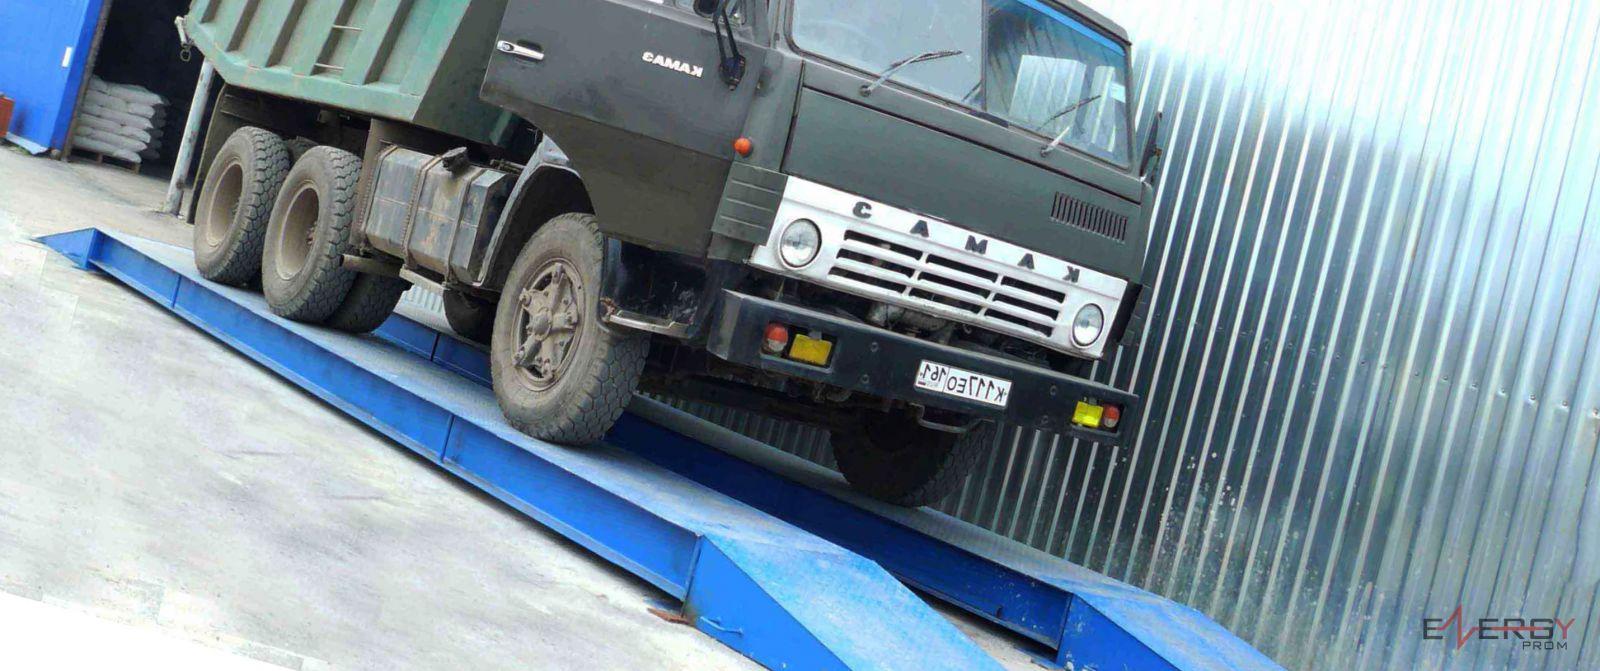 Автомобильные весы в Красноярске фото